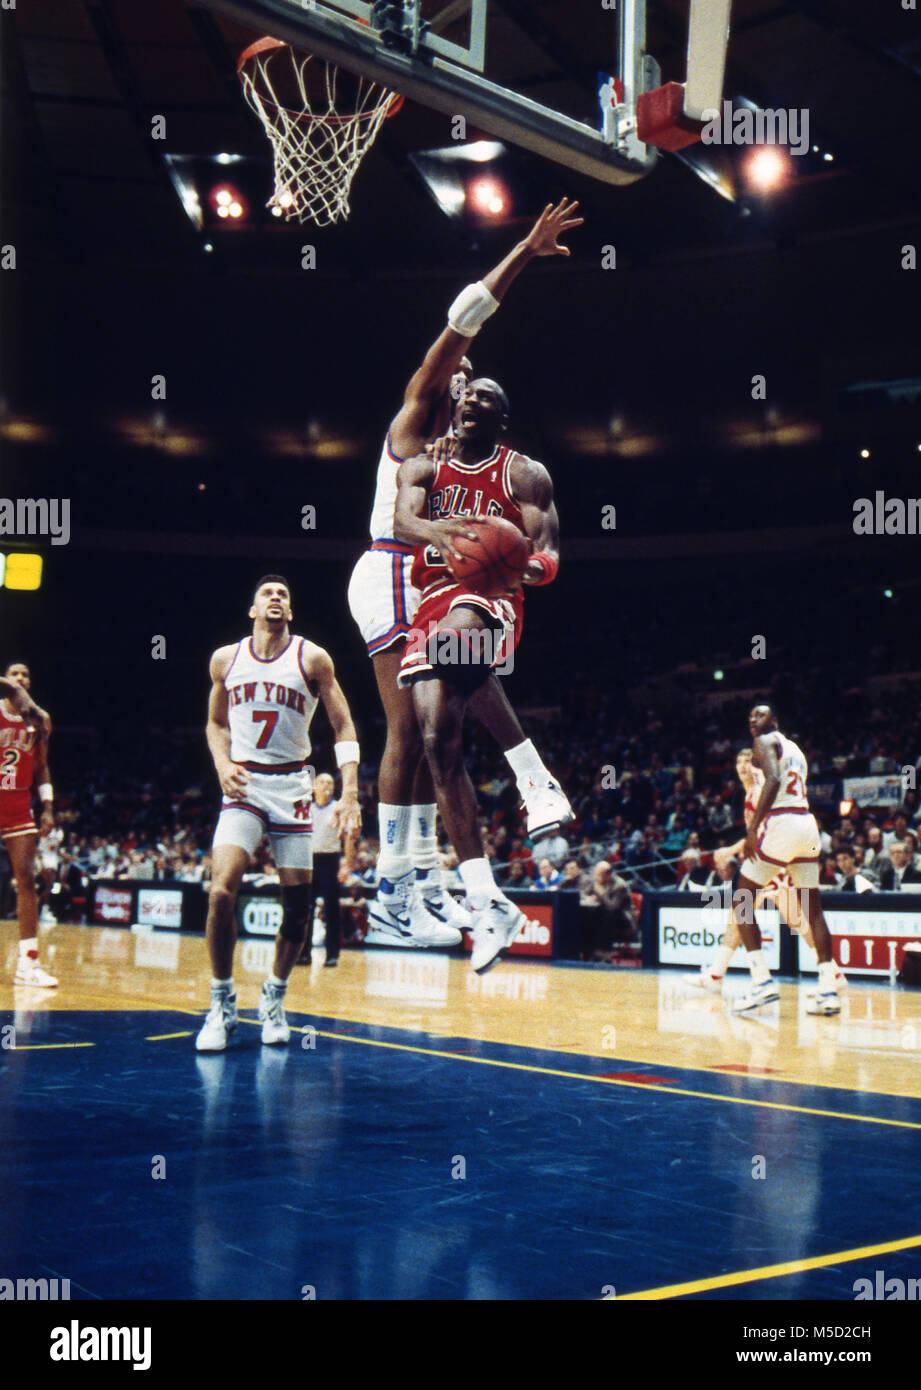 3684a1625 Michael Jordan rigidi per il cesto mentre è difeso da Gerald Wilkins di New  York Knicks